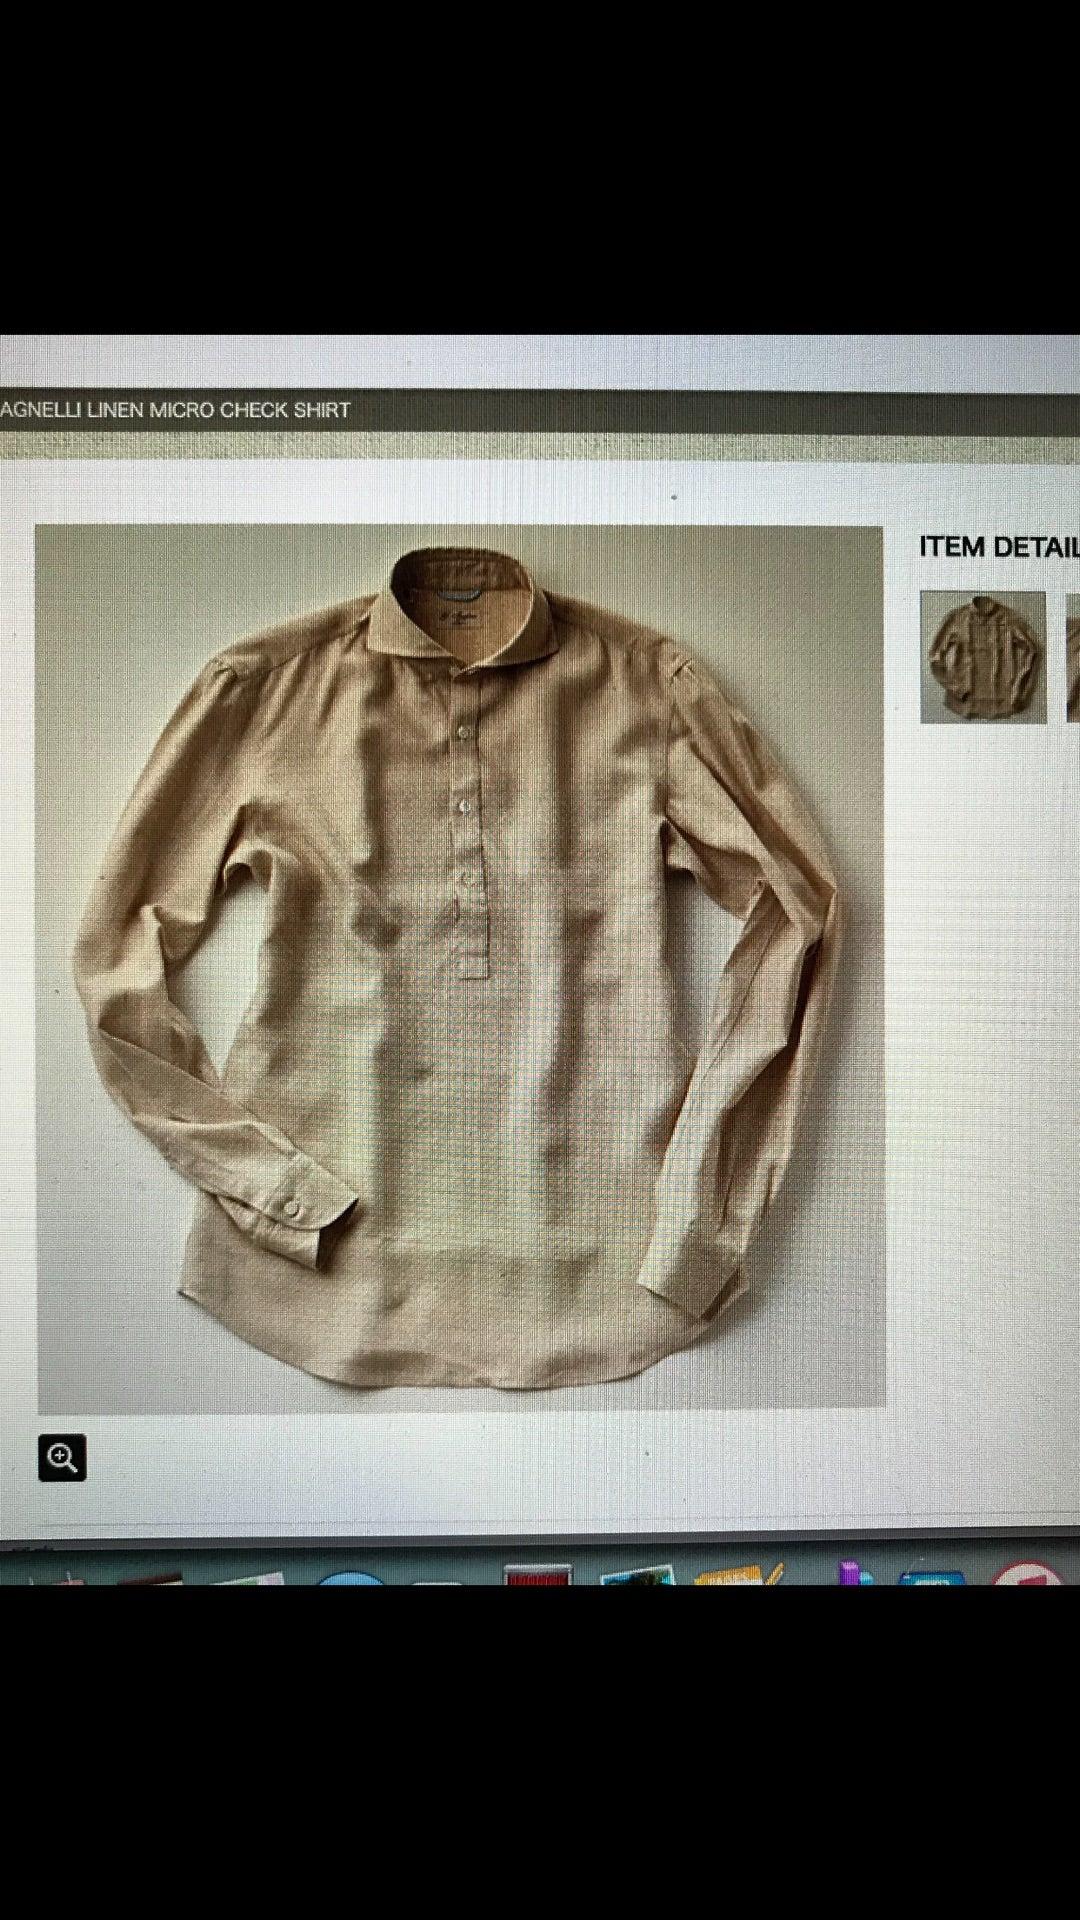 お気に入りのインポートシャツを国産オーダーでコピーしてみる!